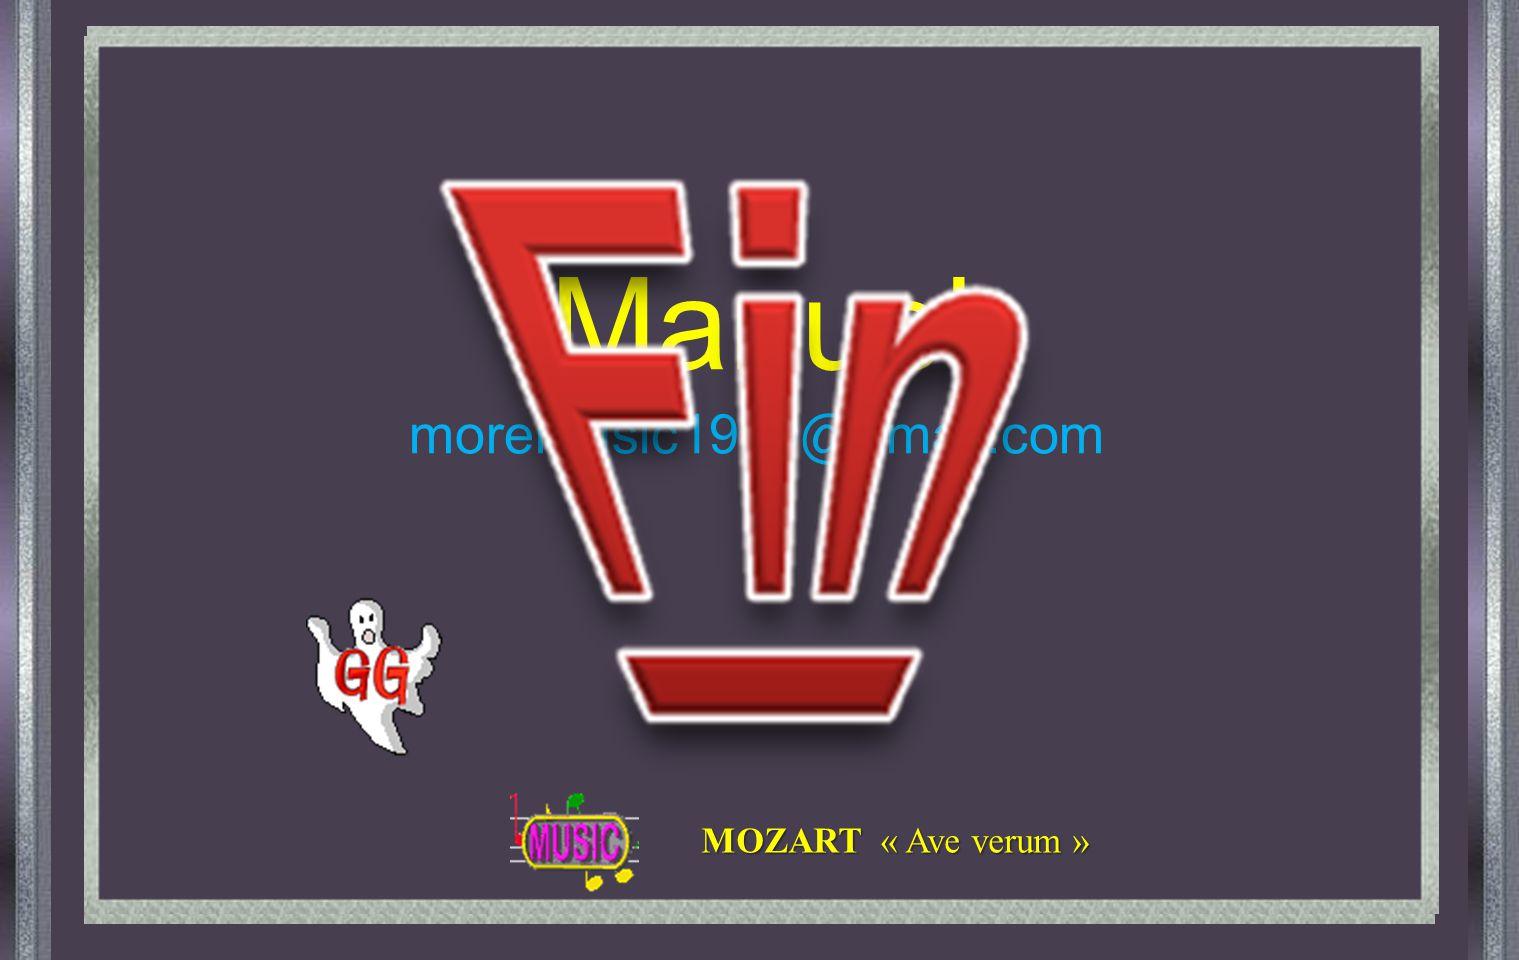 Manuel moremusic1939@gmail.com MOZART « Ave verum »